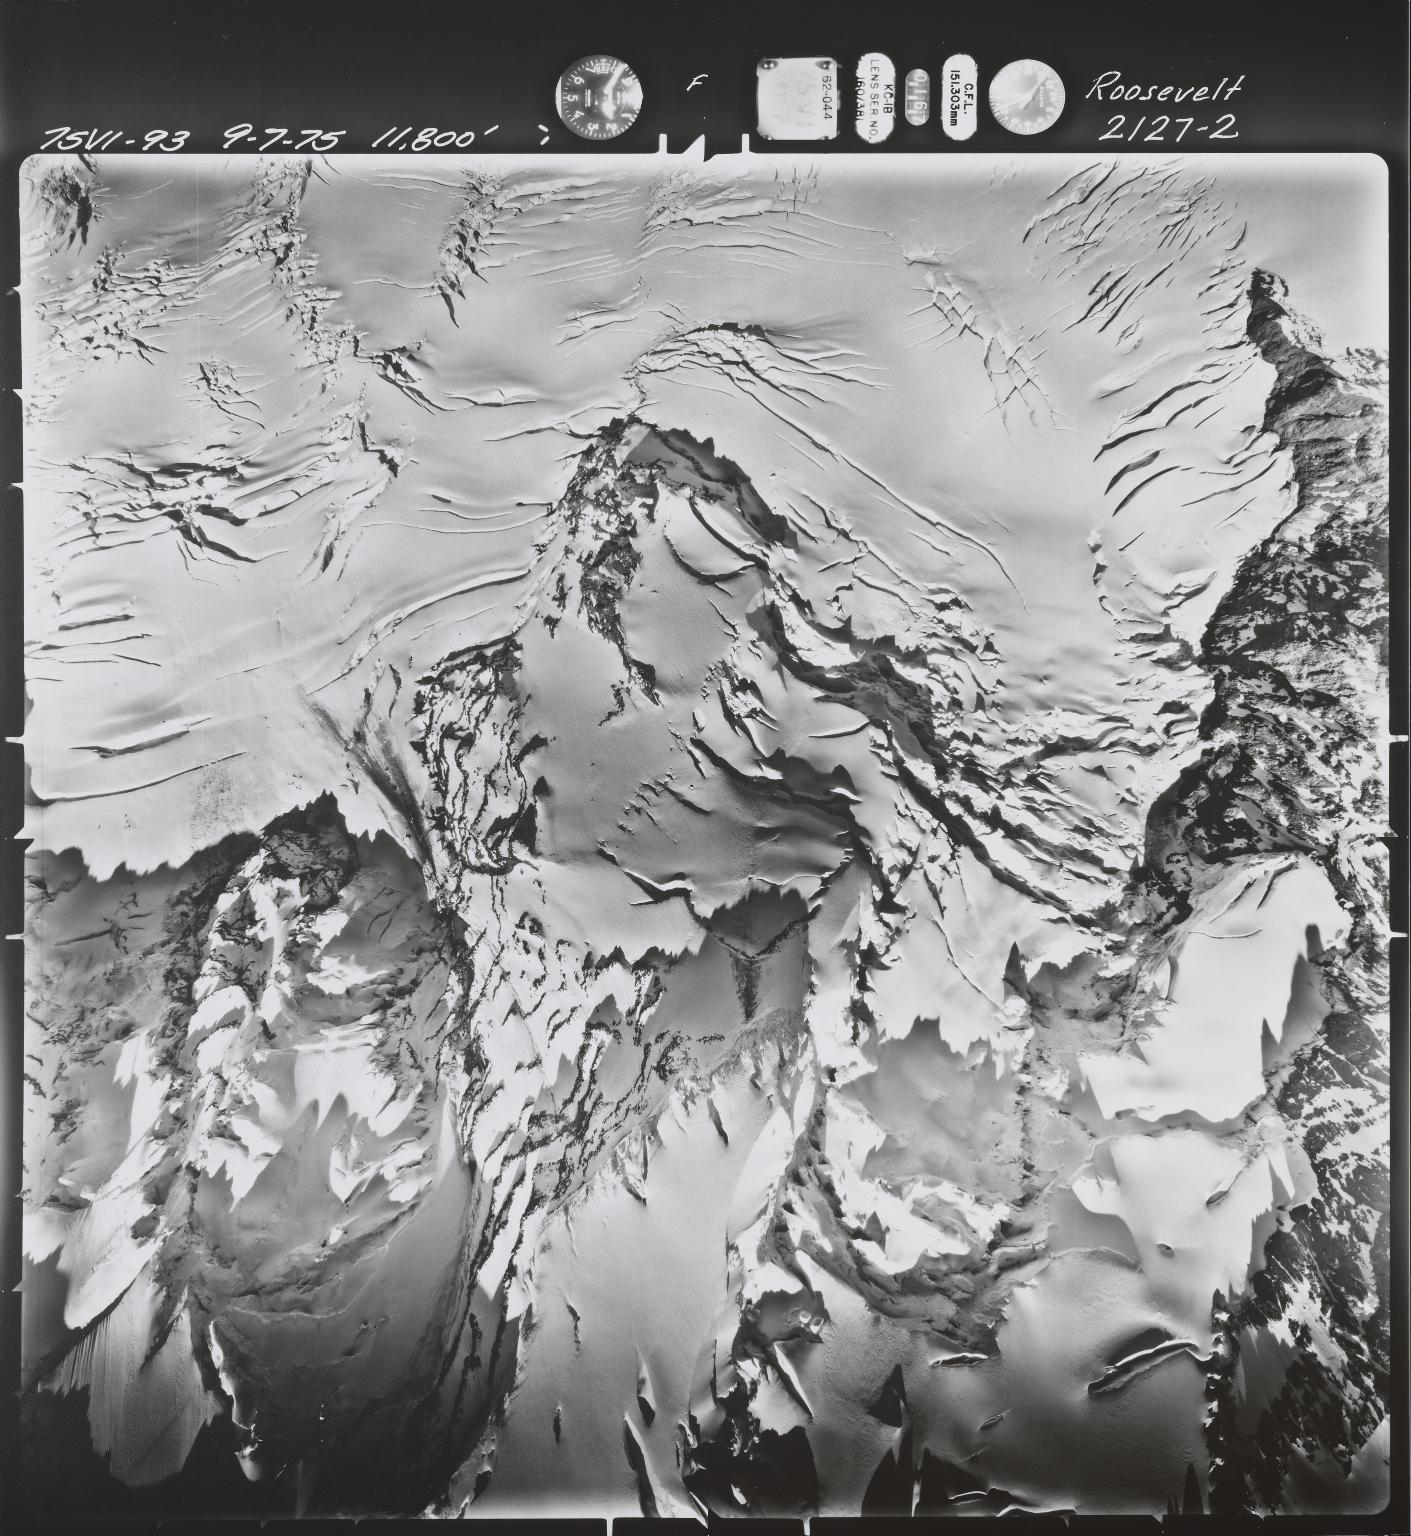 Roosevelt Glacier, Washington